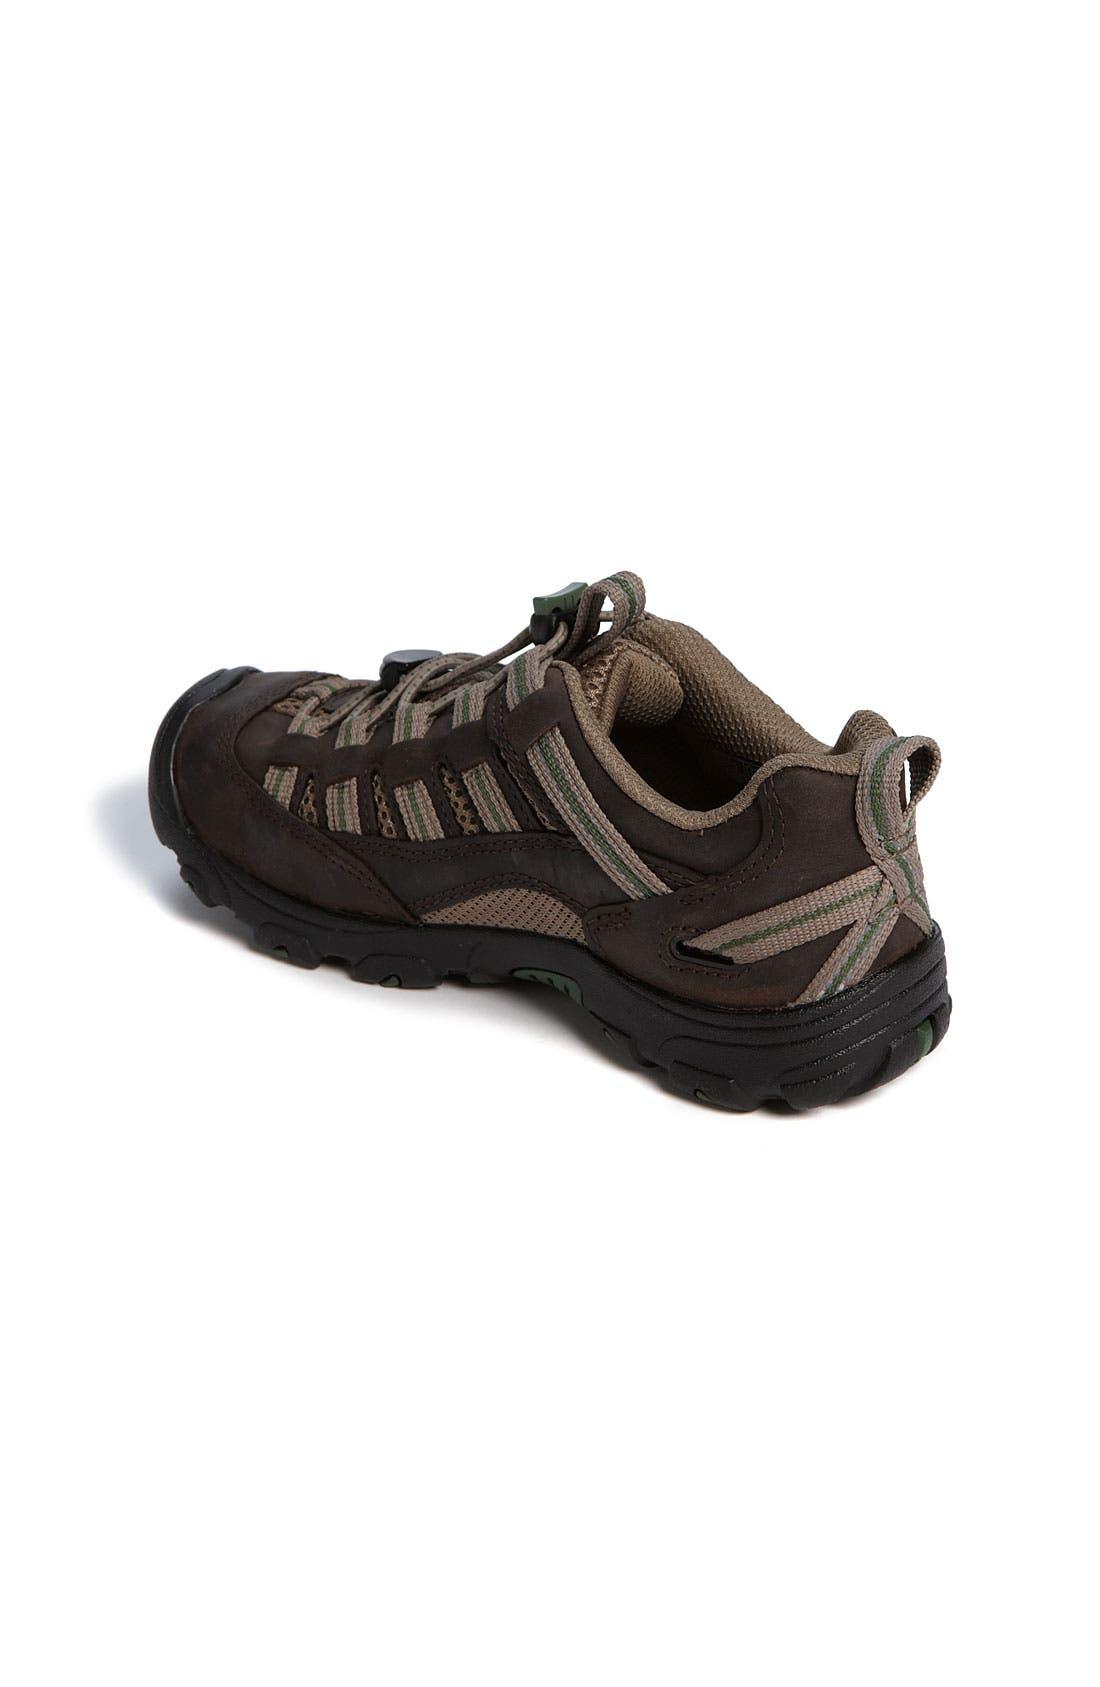 Alternate Image 2  - Keen 'Alamosa' Waterproof Sneaker (Toddler, Little Kid & Big Kid)